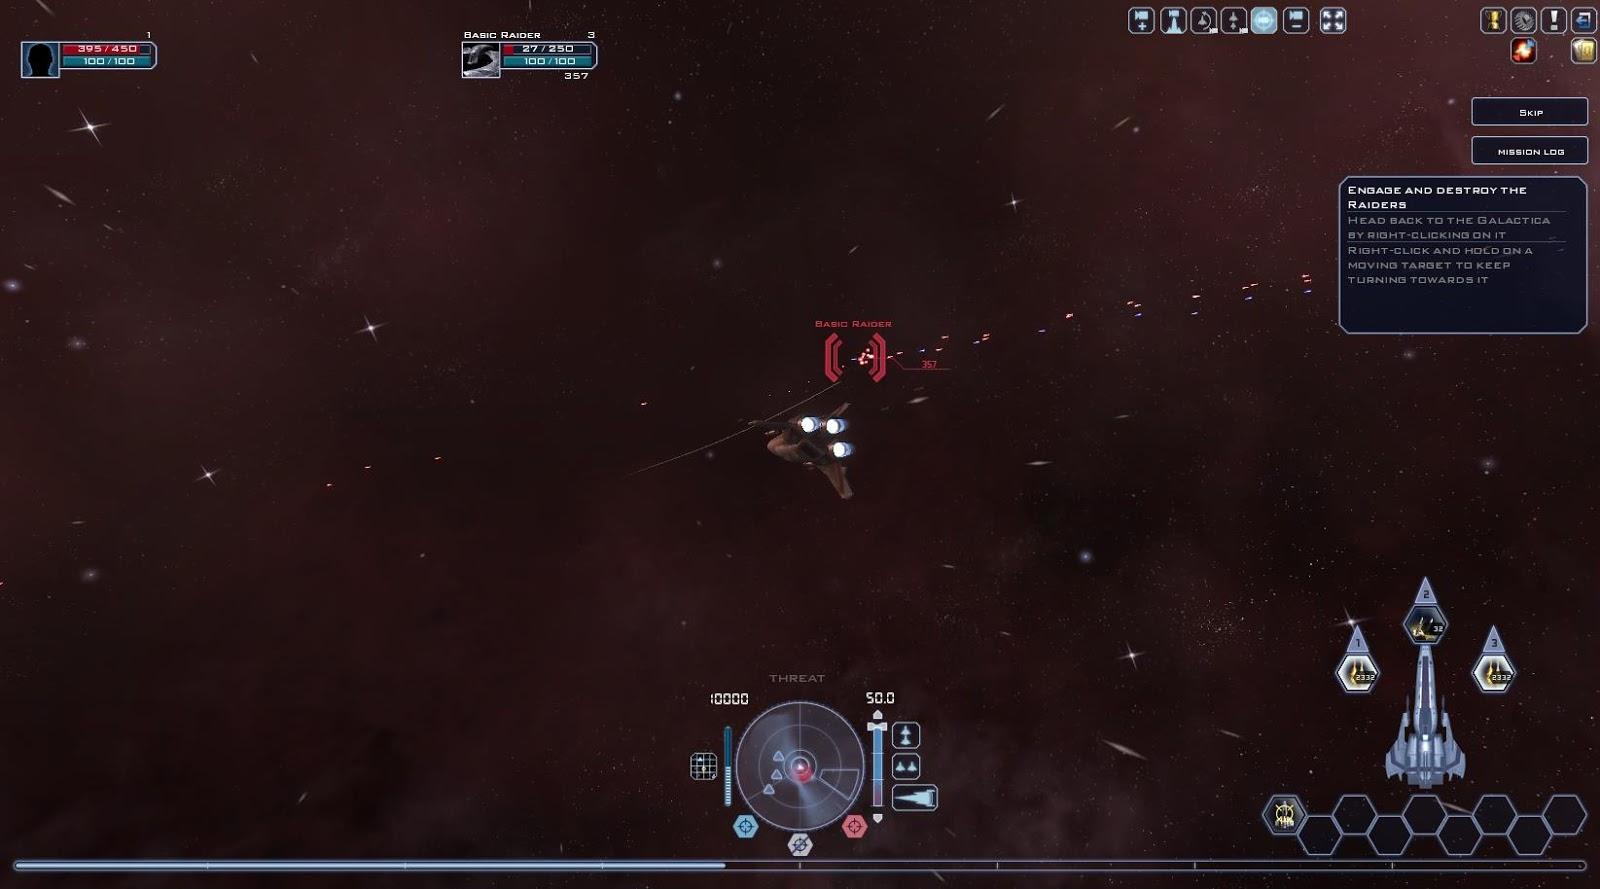 Battlestar Galactica Online - Killing a Raider